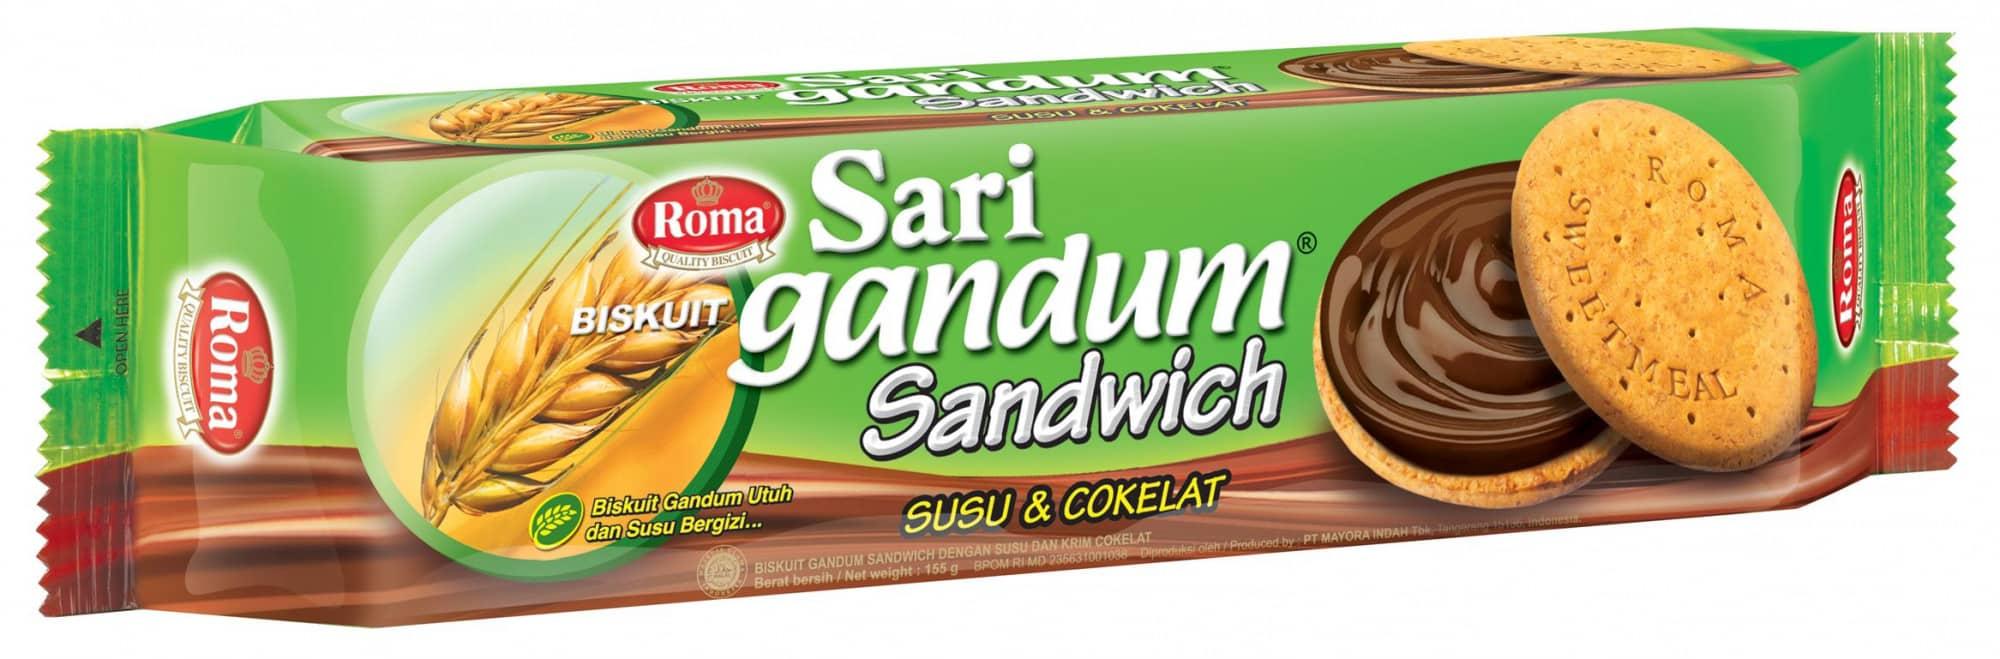 Roma-Biskuit-Sari-Gandum-Sandwich-Coklat